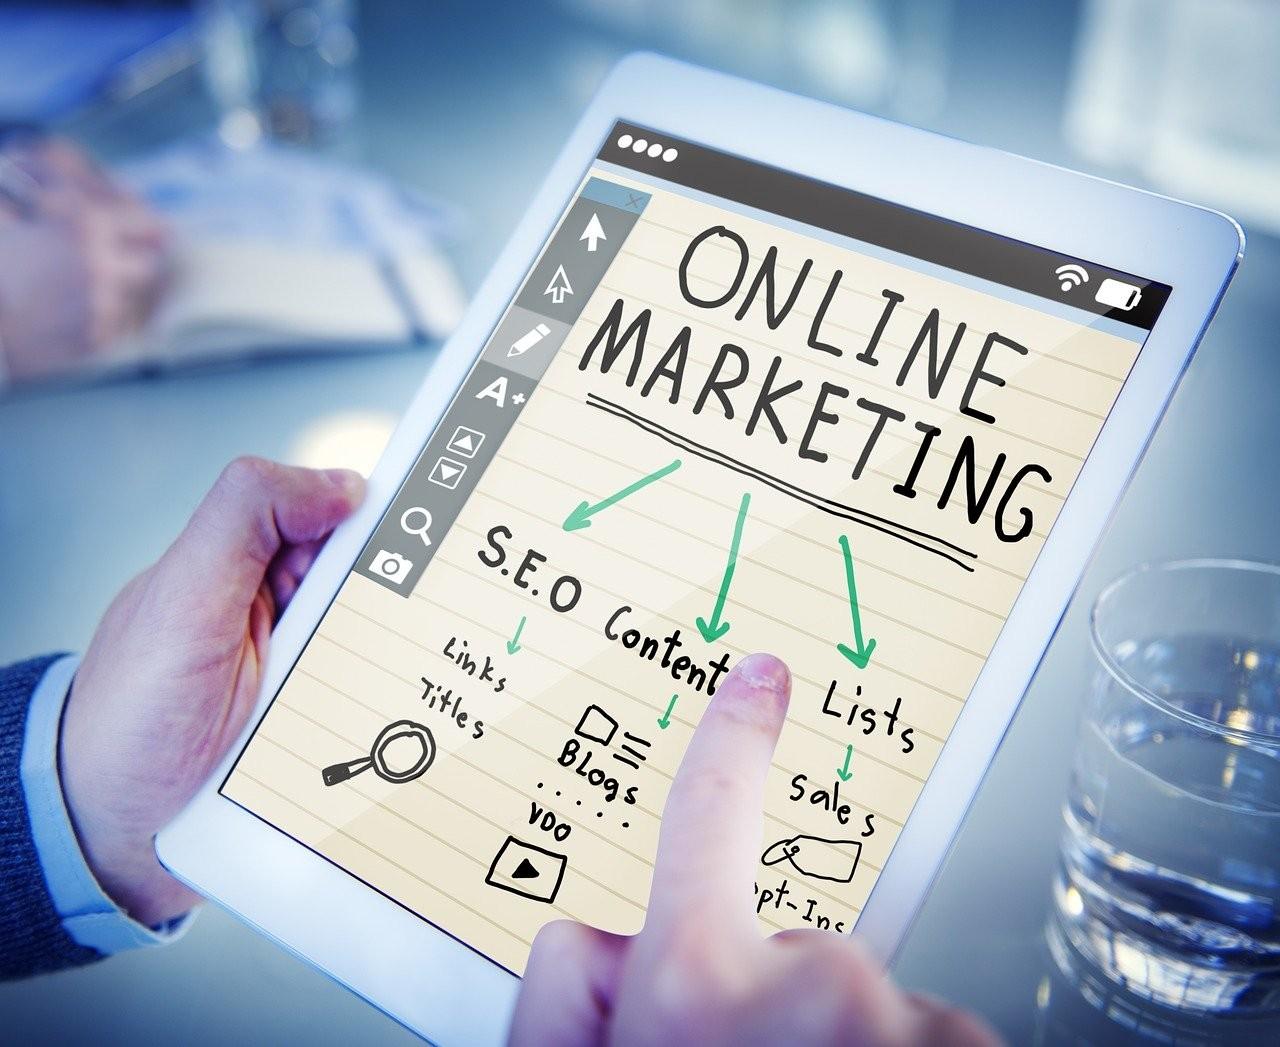 online-marketing-1246457_1280-1